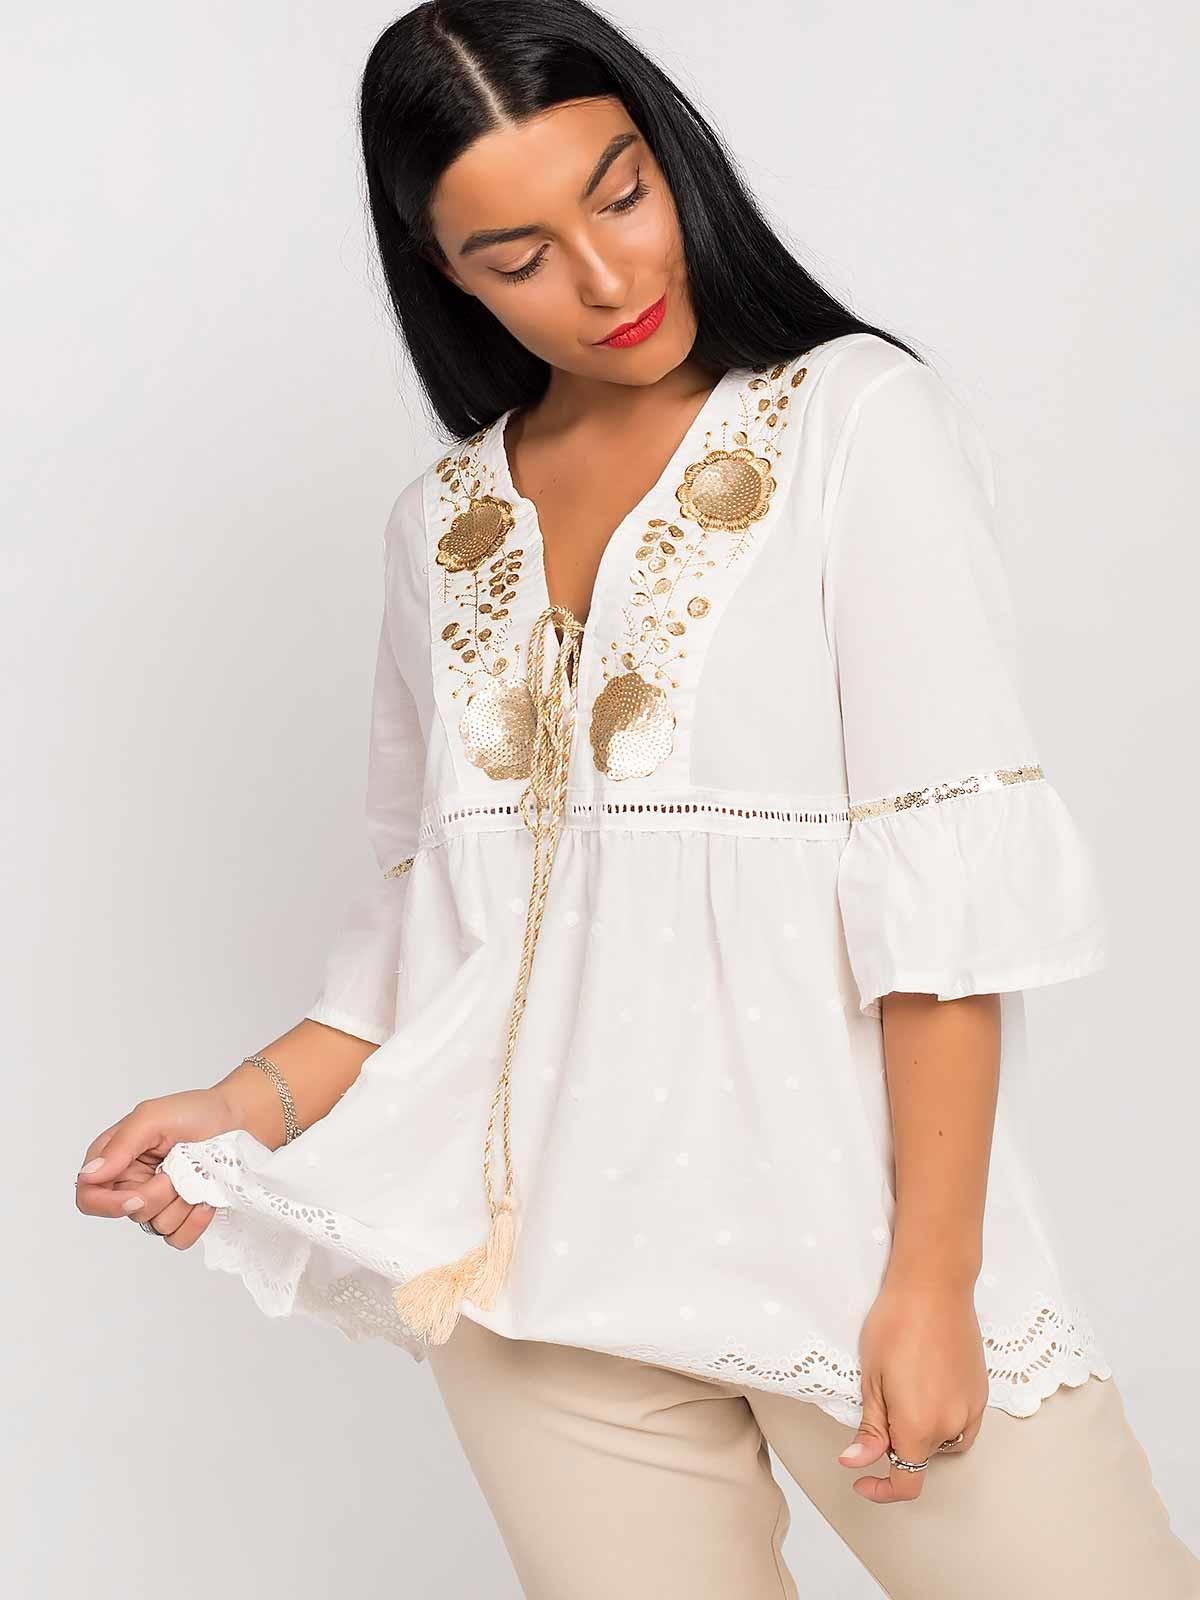 Blusa blanca lentejuelas doradas